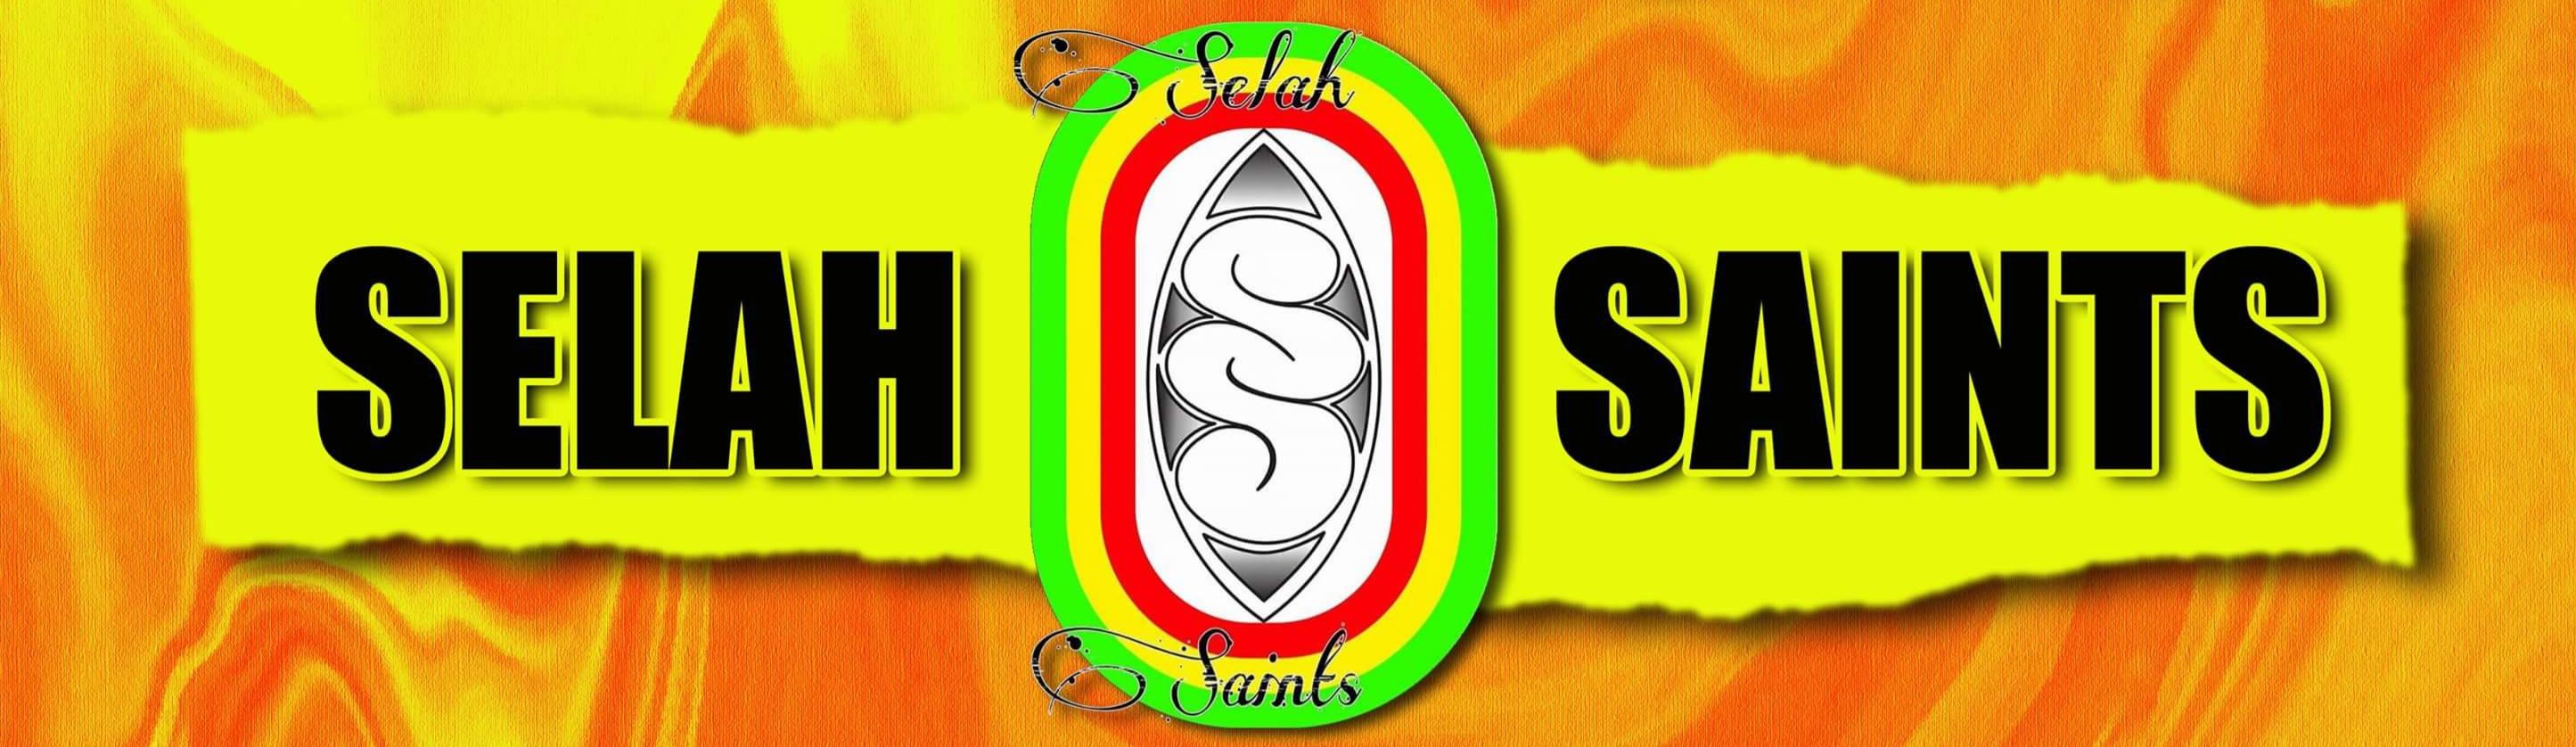 Selah Saints logo